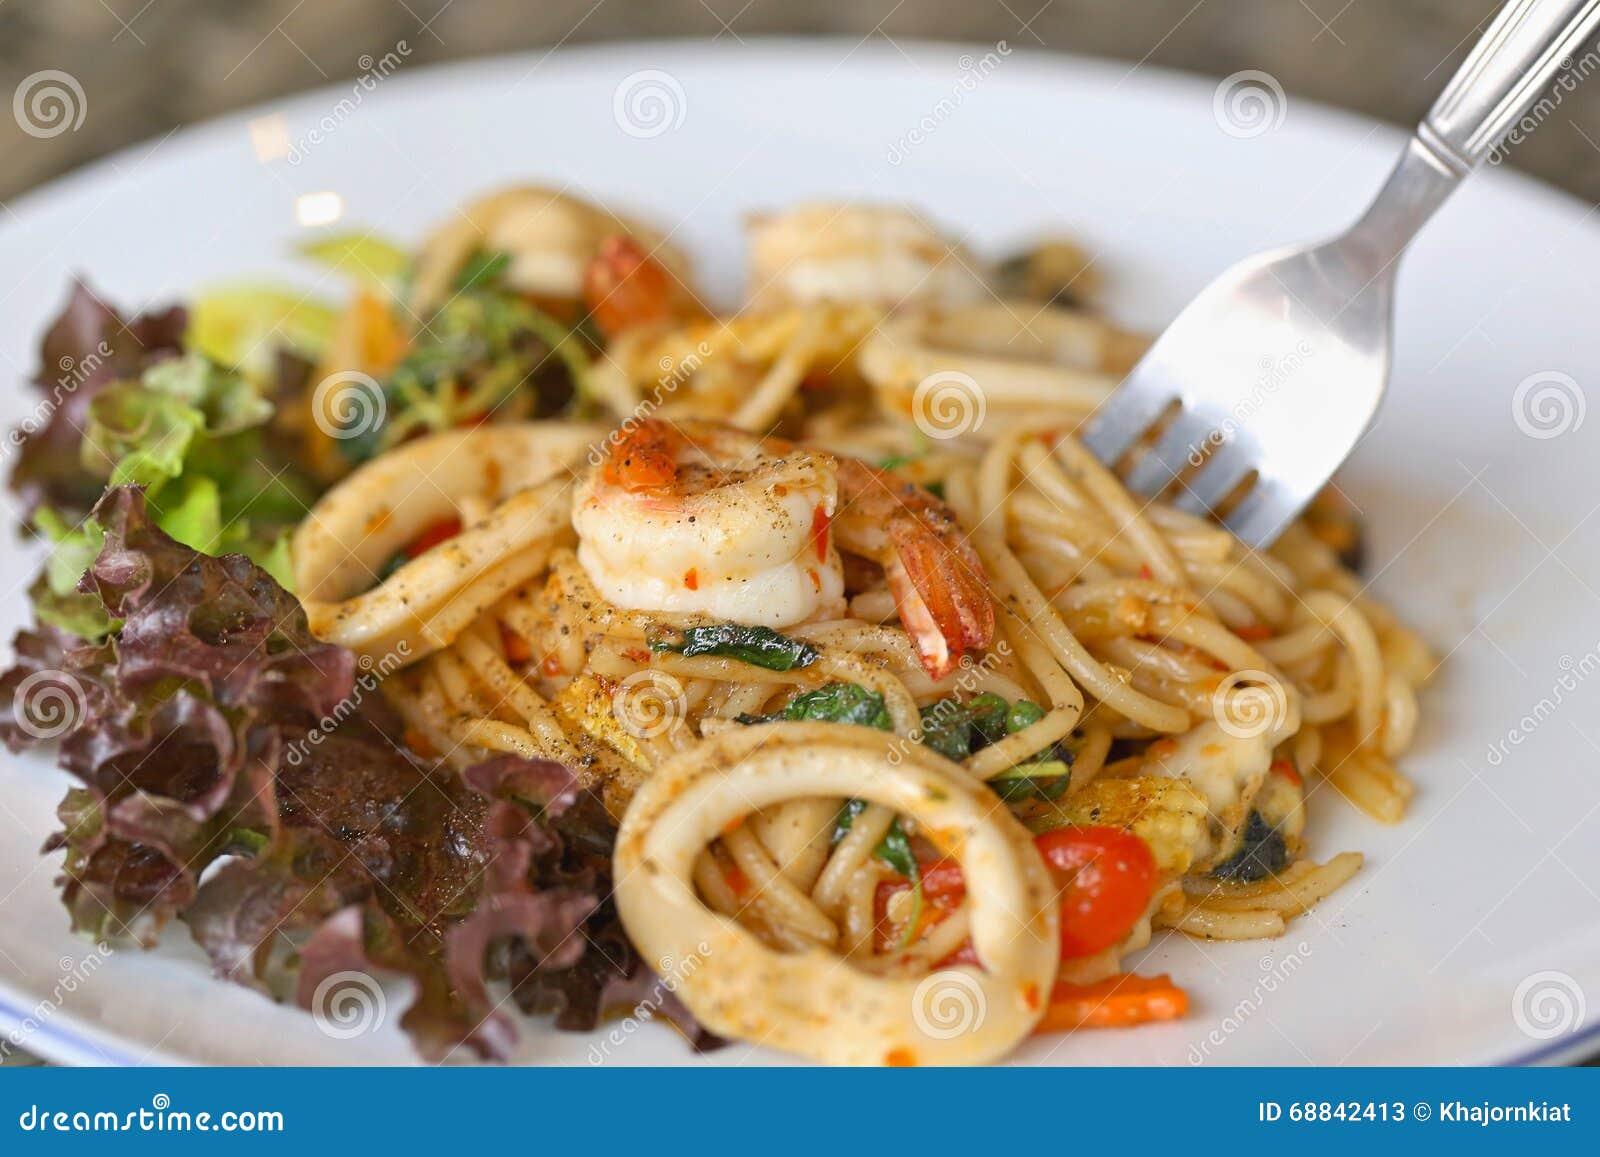 Tasty Thai Kitchen Menu